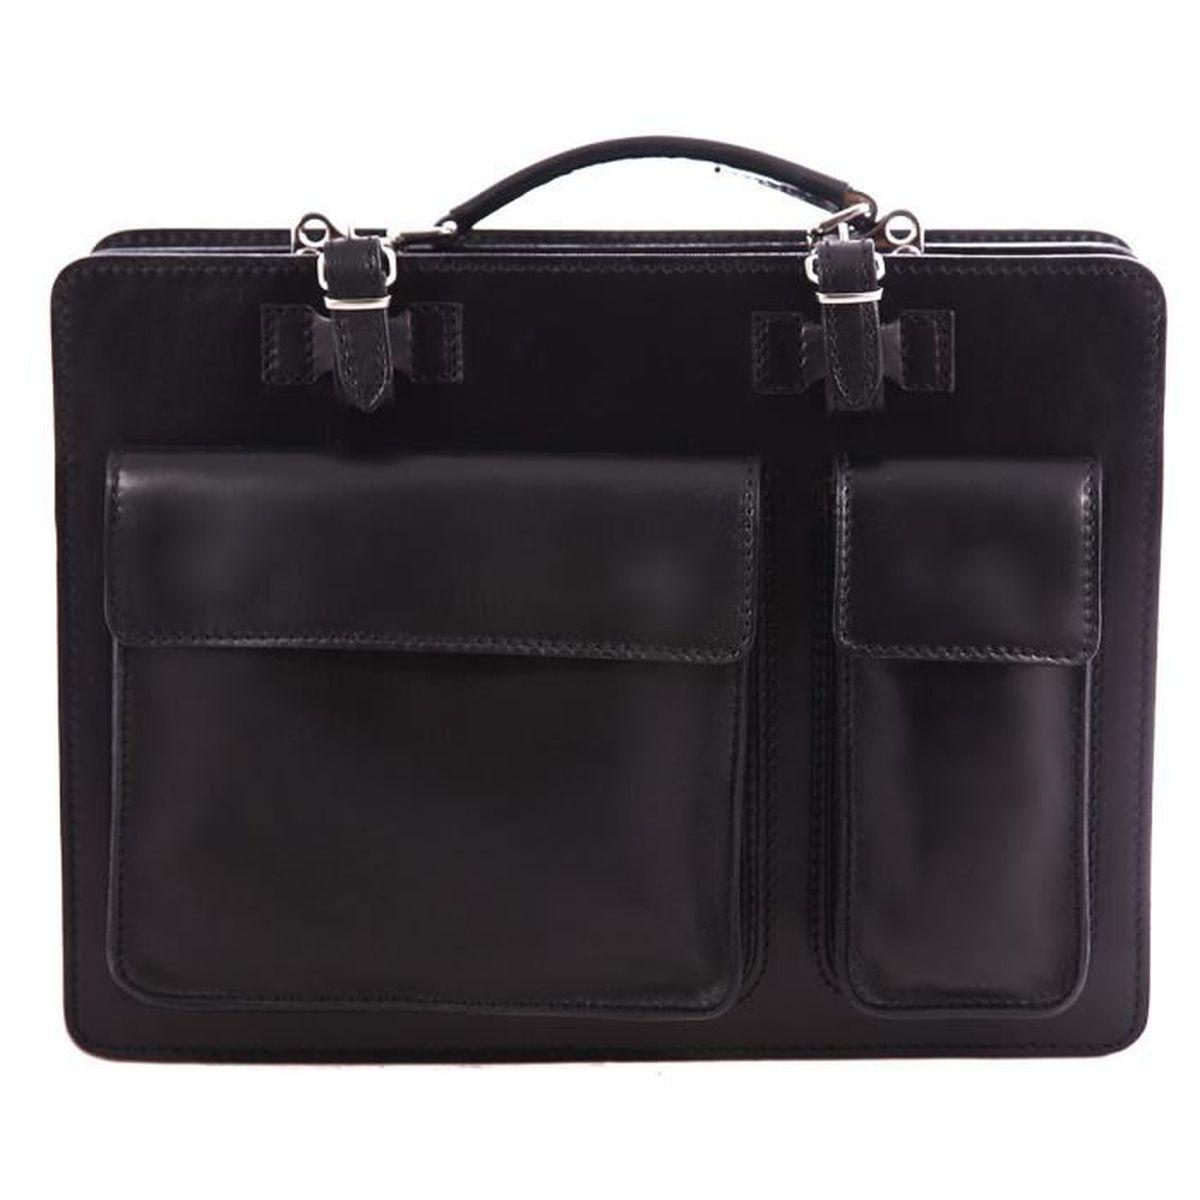 porte document en cuir homme achat vente porte document en cuir homme pas cher black. Black Bedroom Furniture Sets. Home Design Ideas